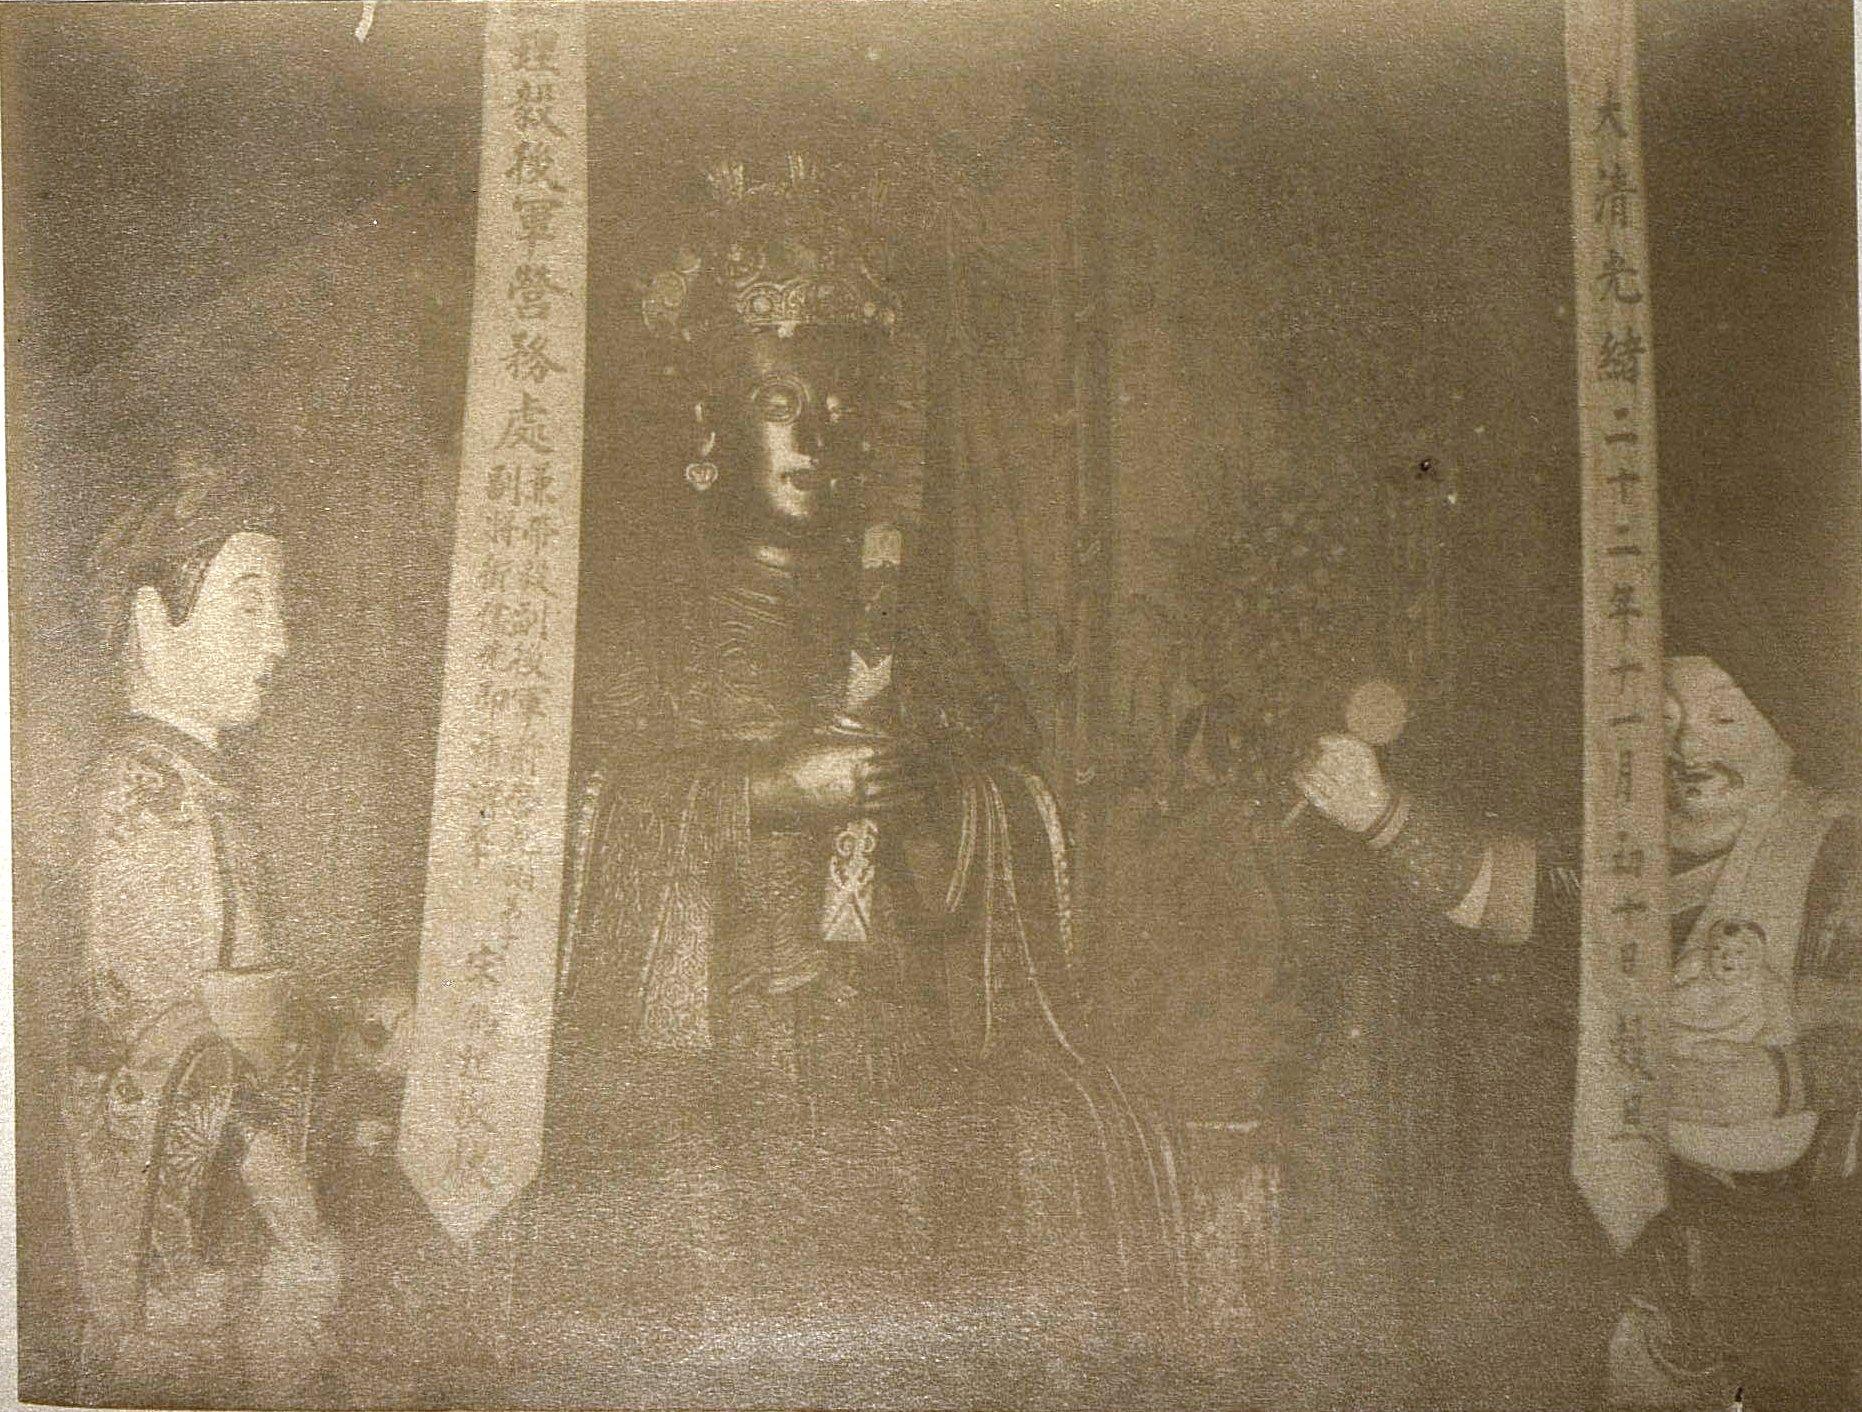 1898. Китай, г. Талиенван. Буддийская скульптура